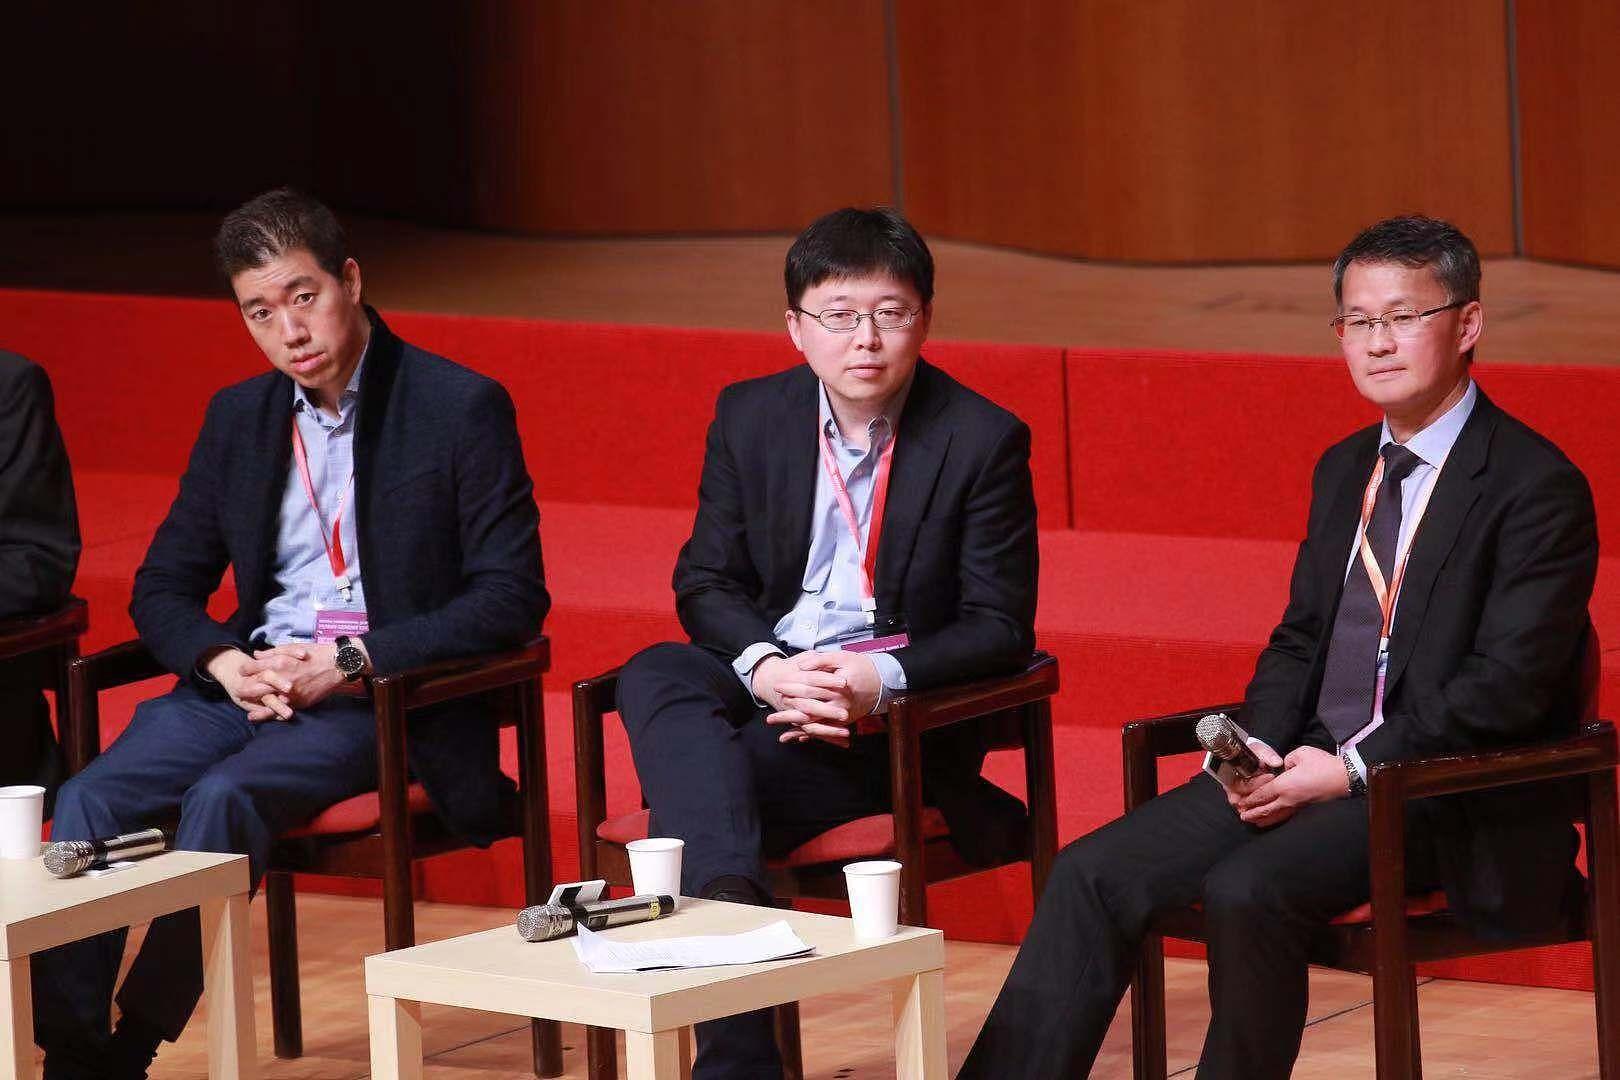 ▲發明基因編輯技術CRISPR的麻省理工學院華裔教授張鋒(Feng Zhang)(中)於香港出席第二屆人類基因組編輯國際峰會開幕。(圖/CFP)